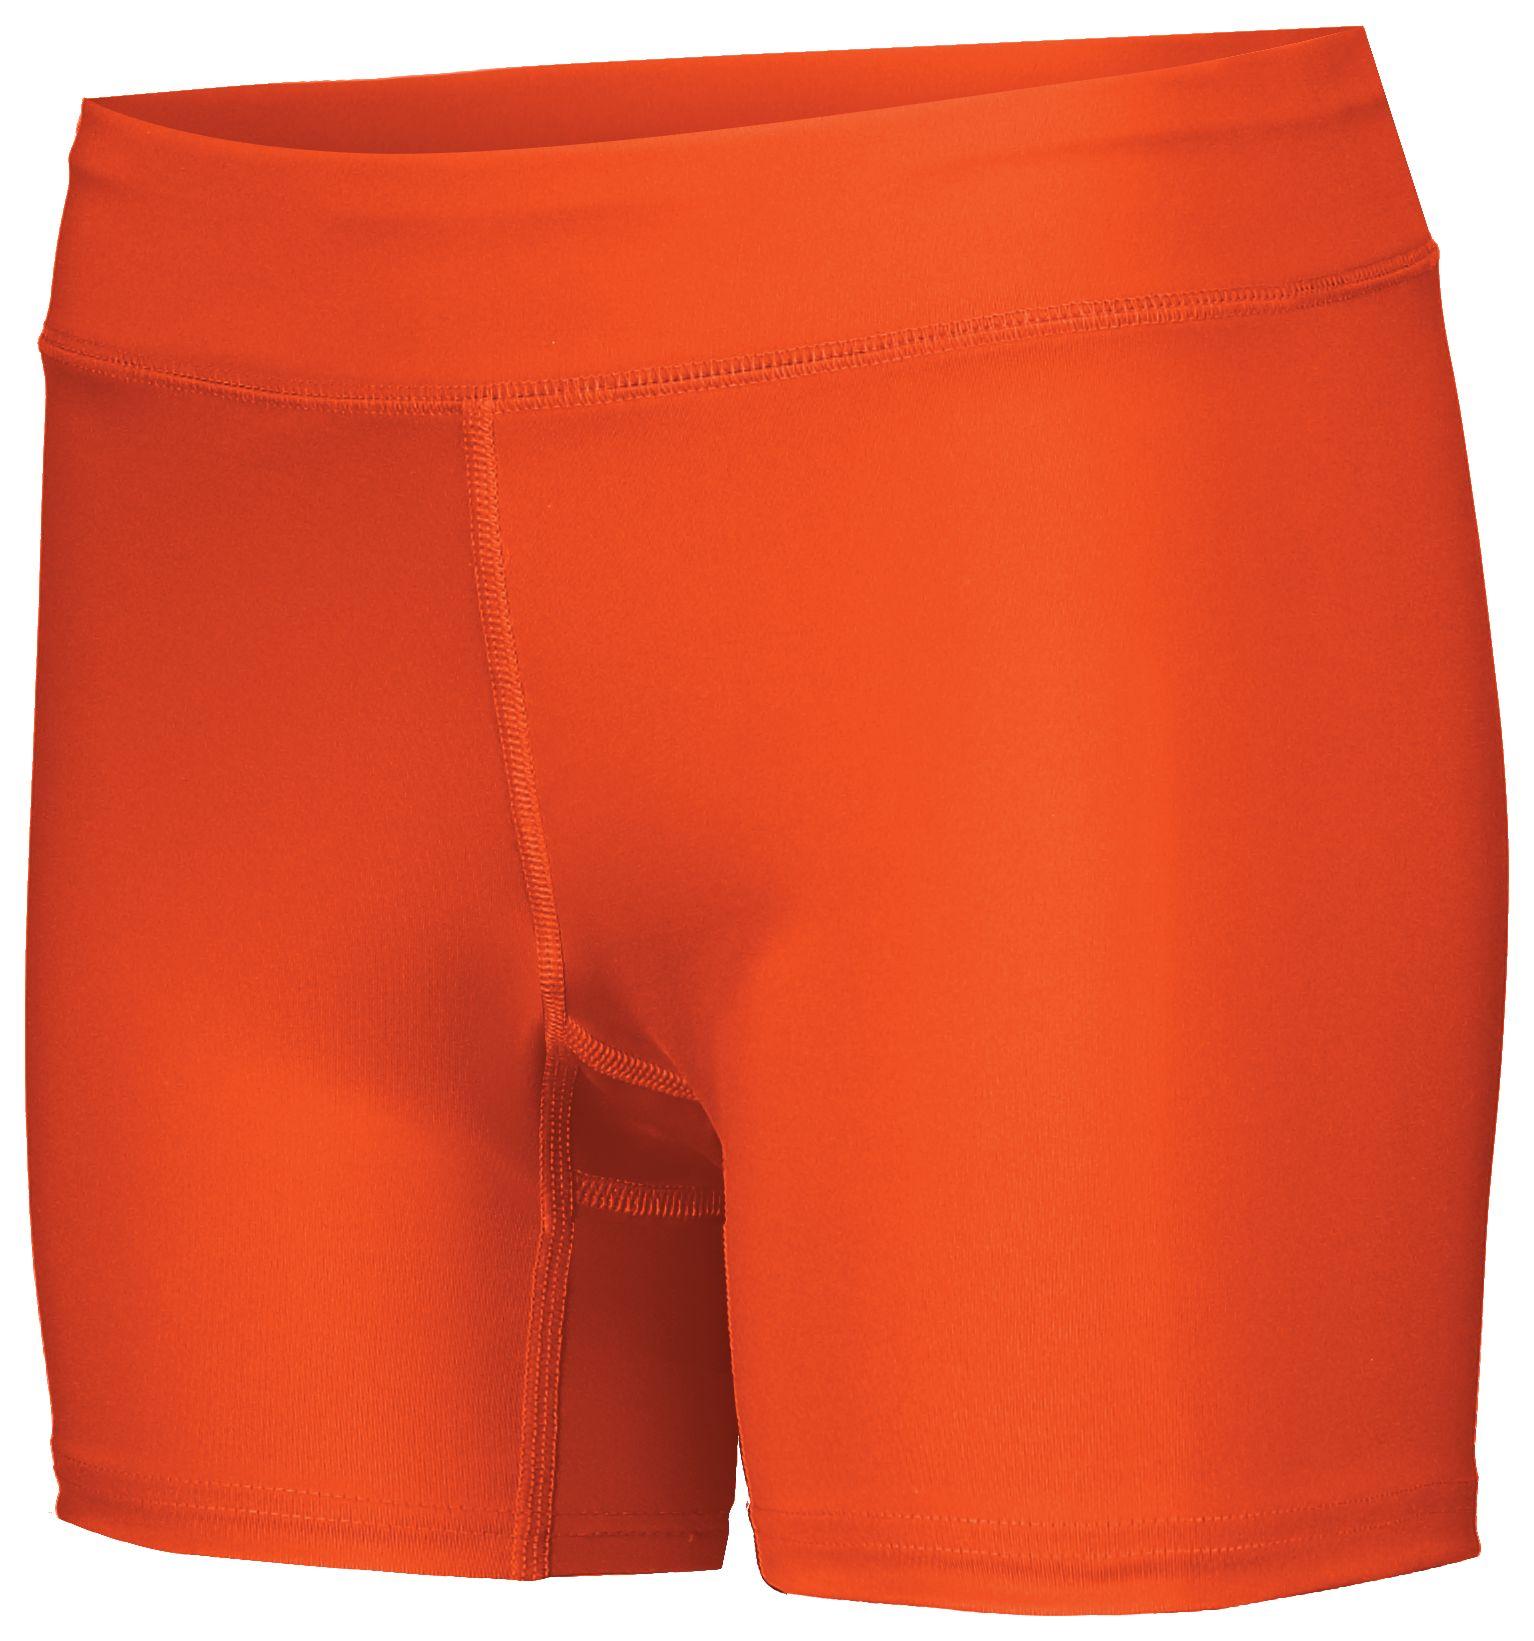 Ladies Pr Max Compression Shorts - Orange